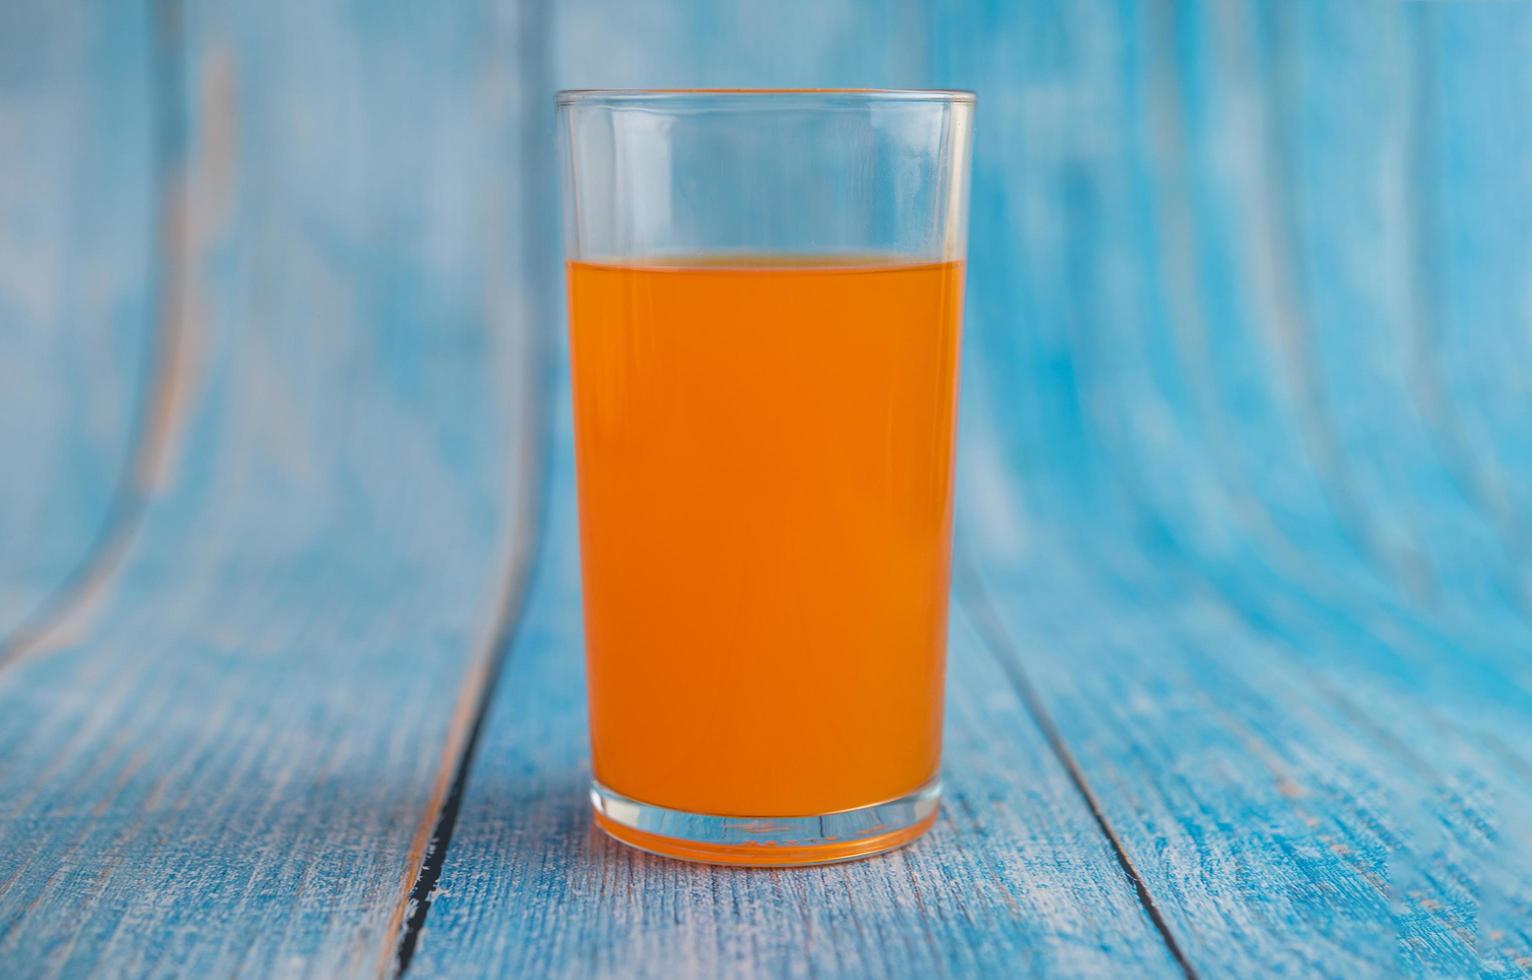 jus d'orange sur le plancher en bois bleu photo